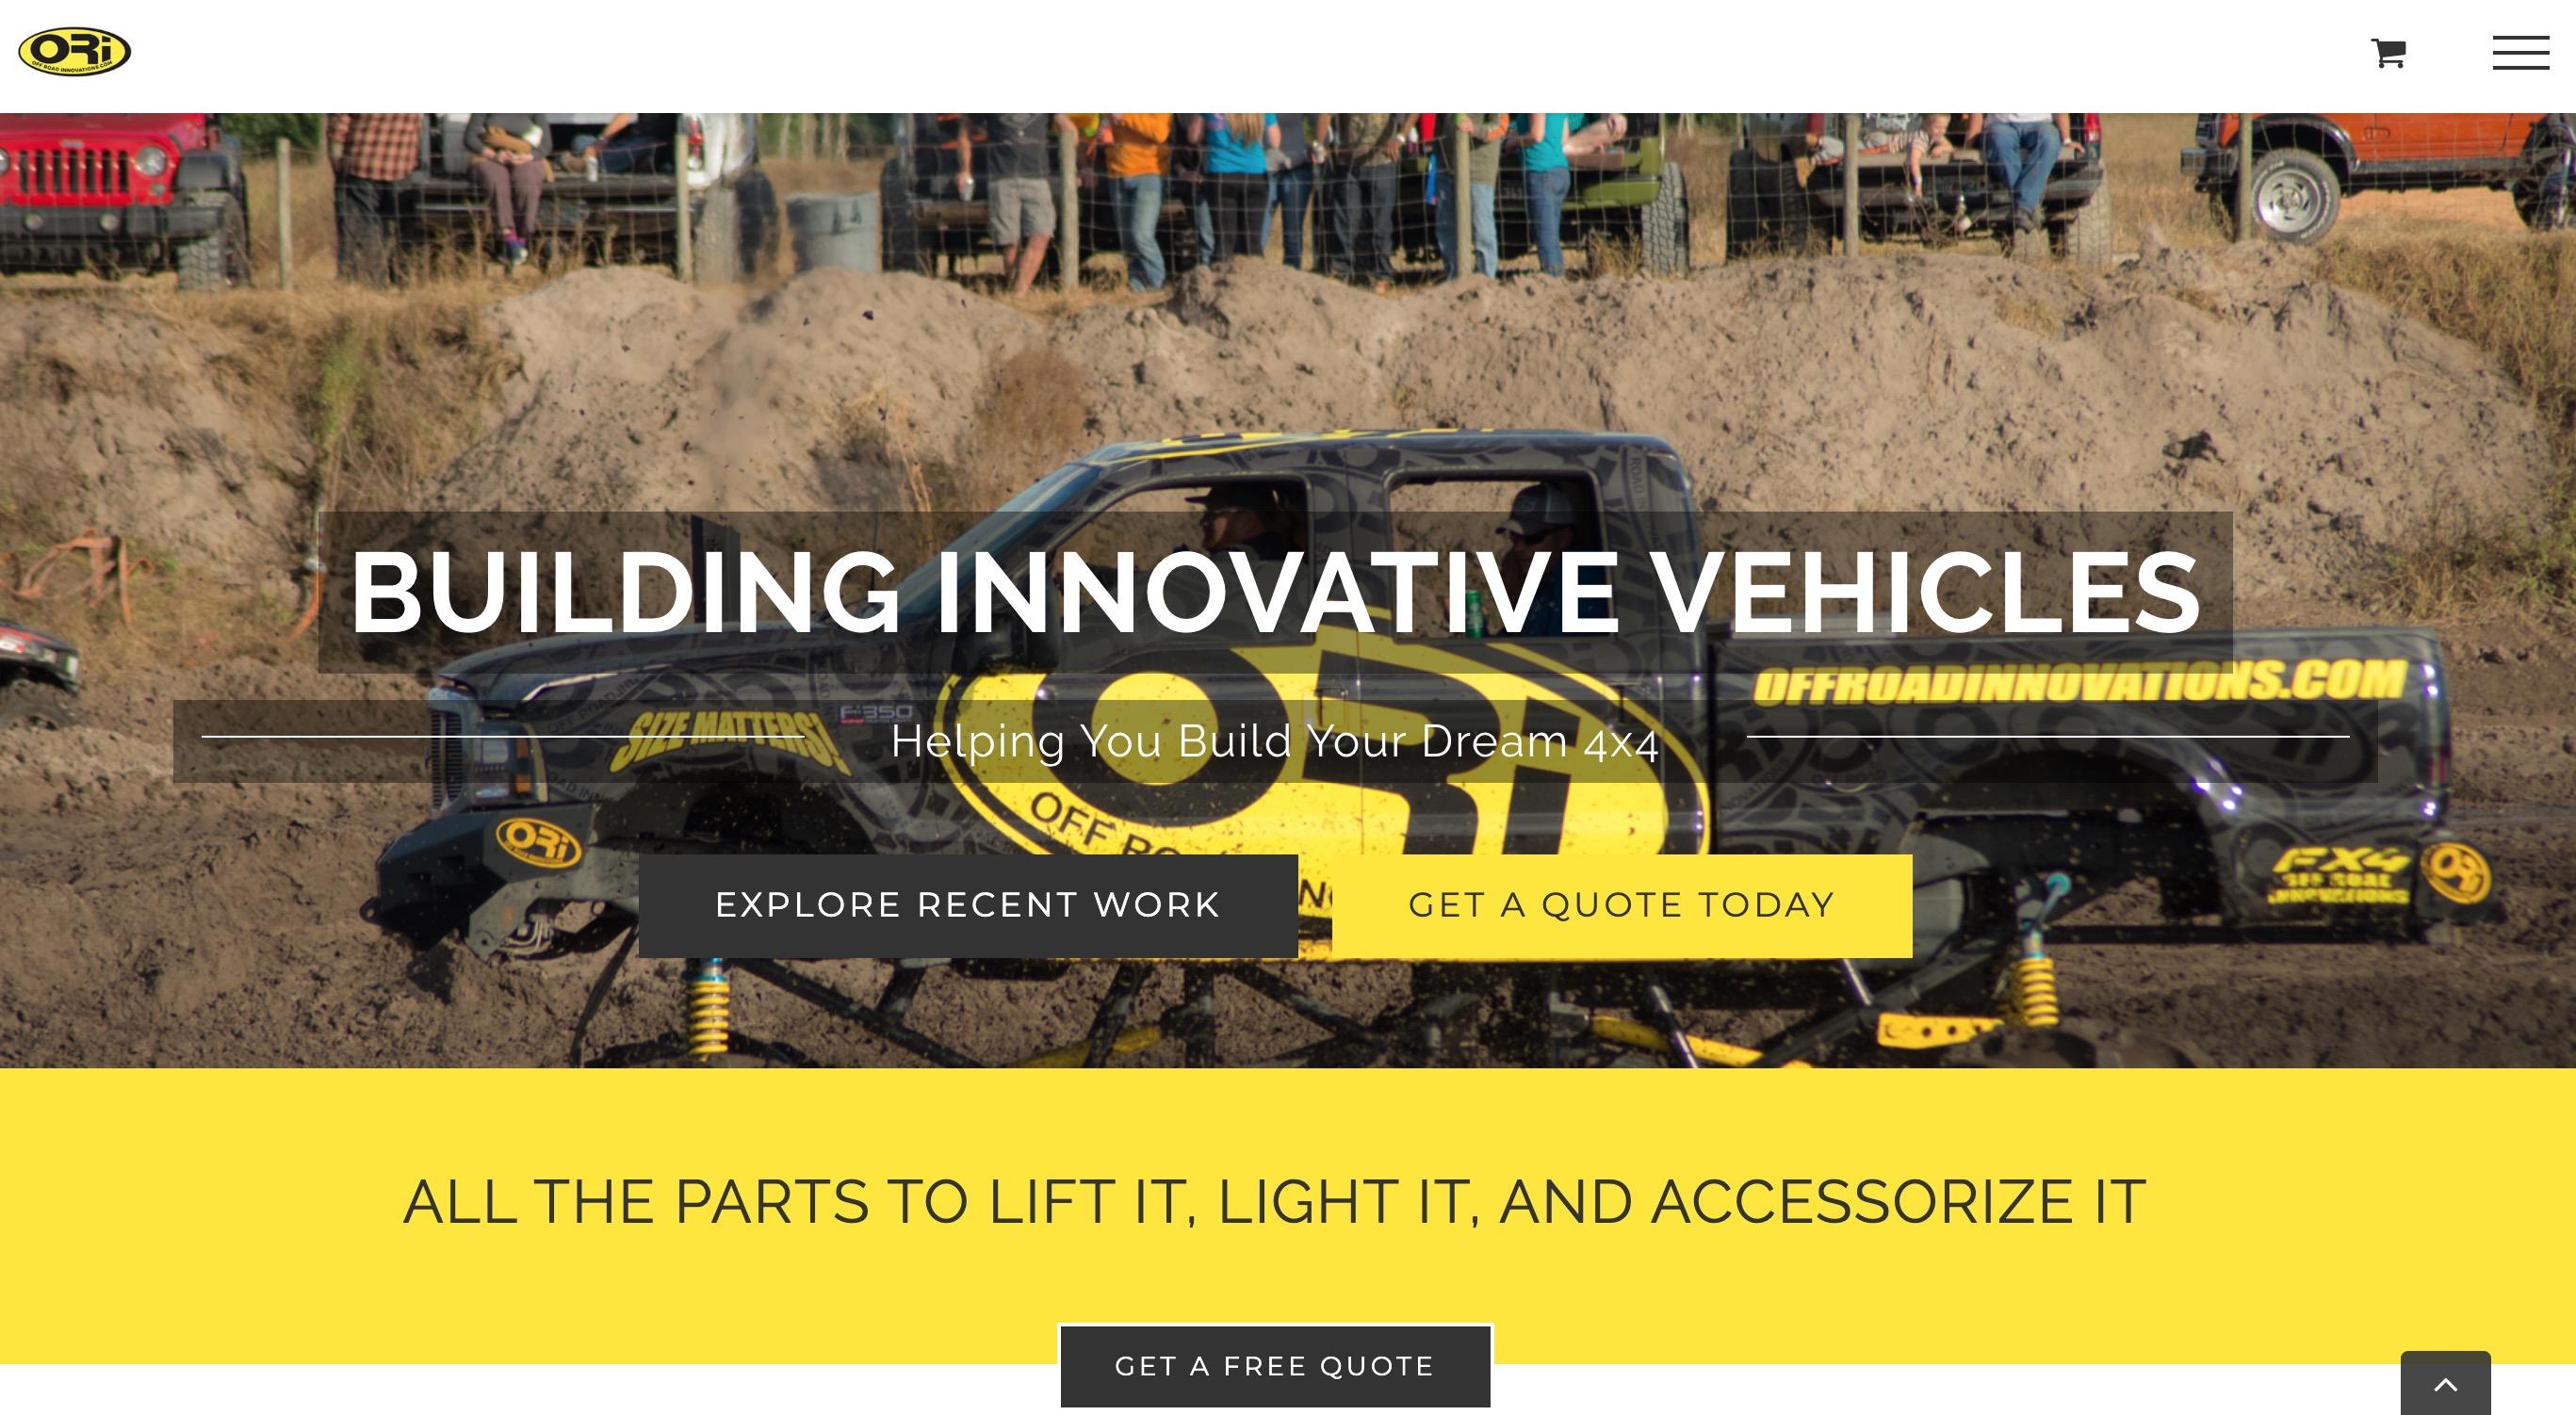 ORI Home Page